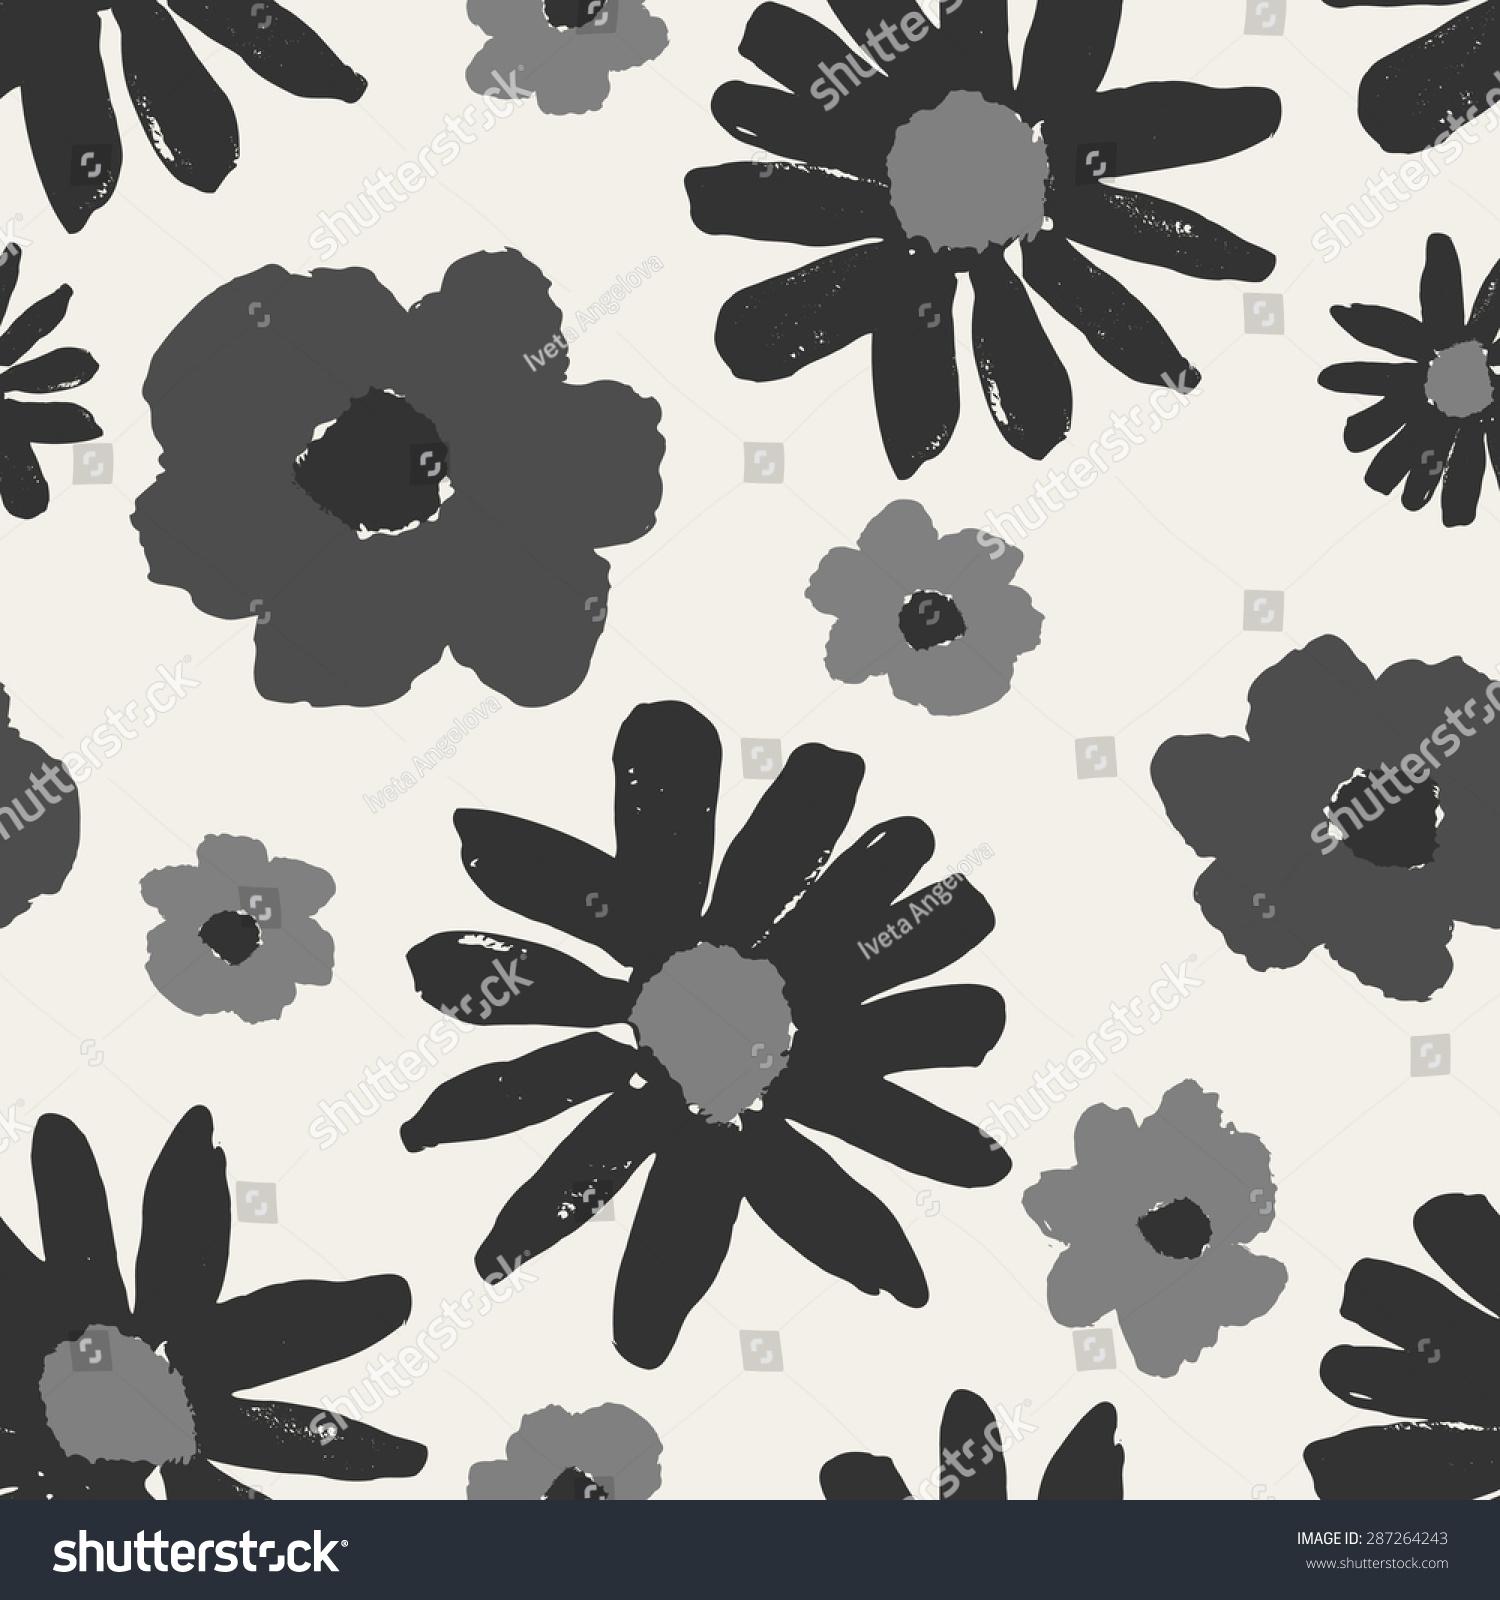 单色无缝重复模式与手绘花朵.